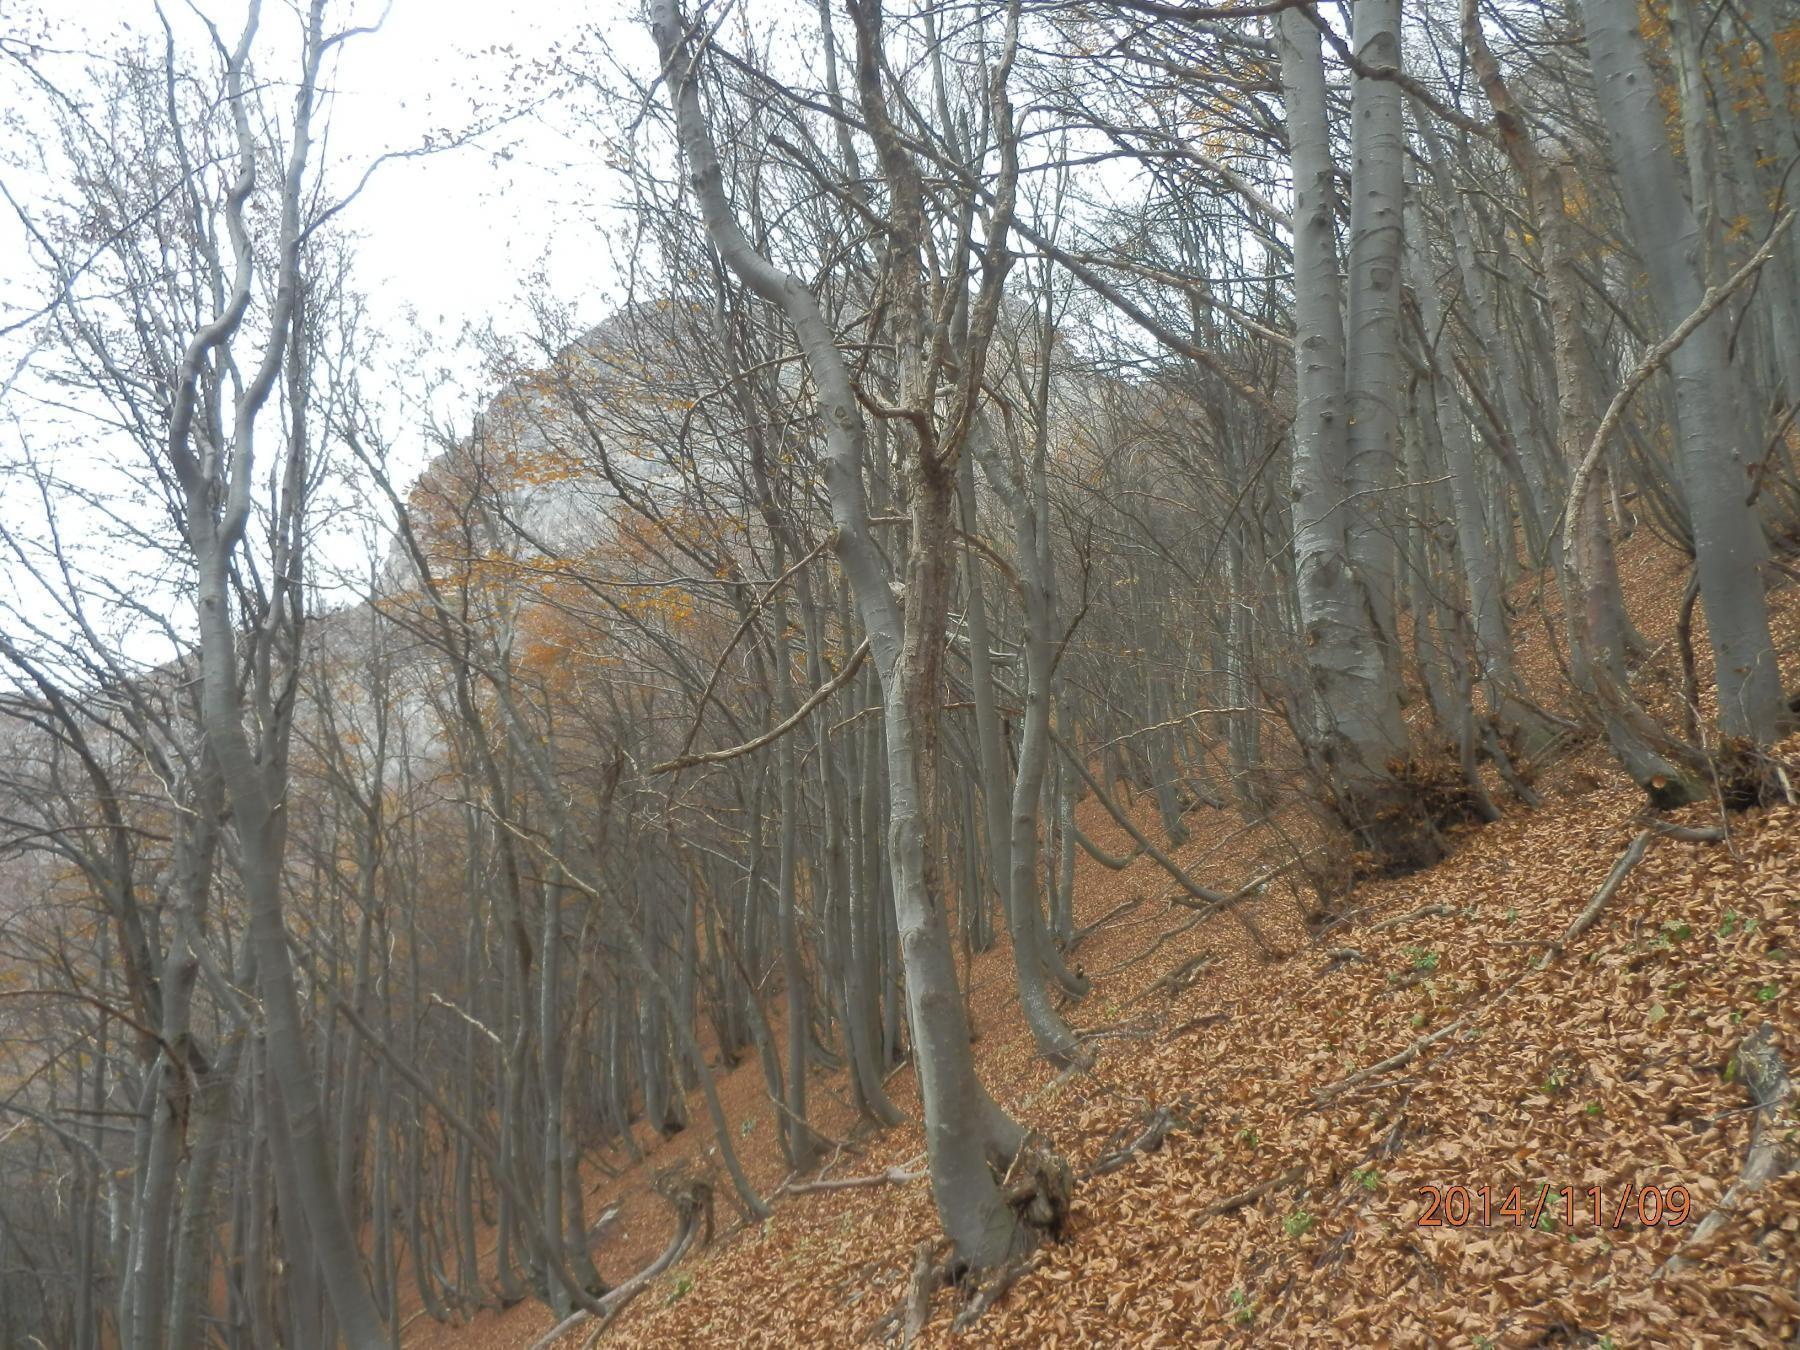 2-nella faggeta, sullo sfondo si vede la Rocca